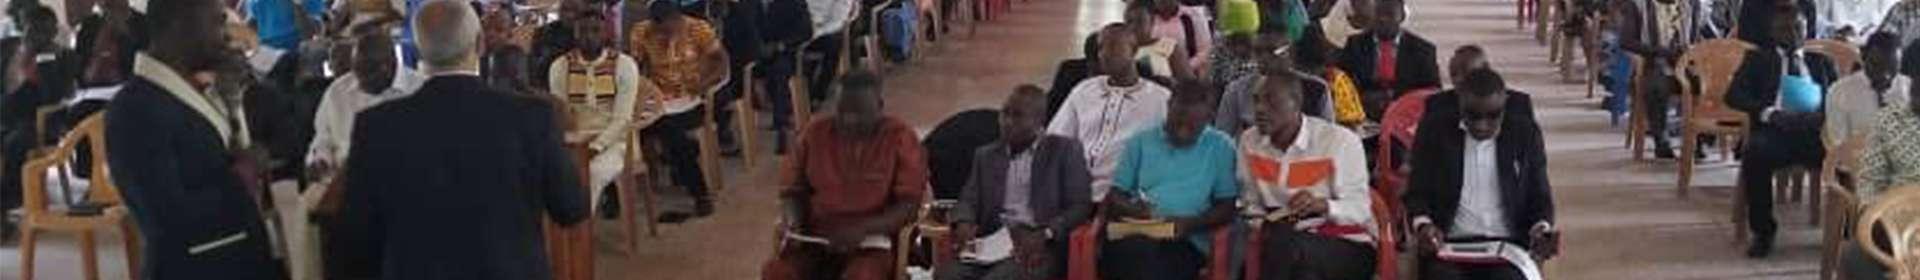 Trabalho de assistência é realizado em Gana, África